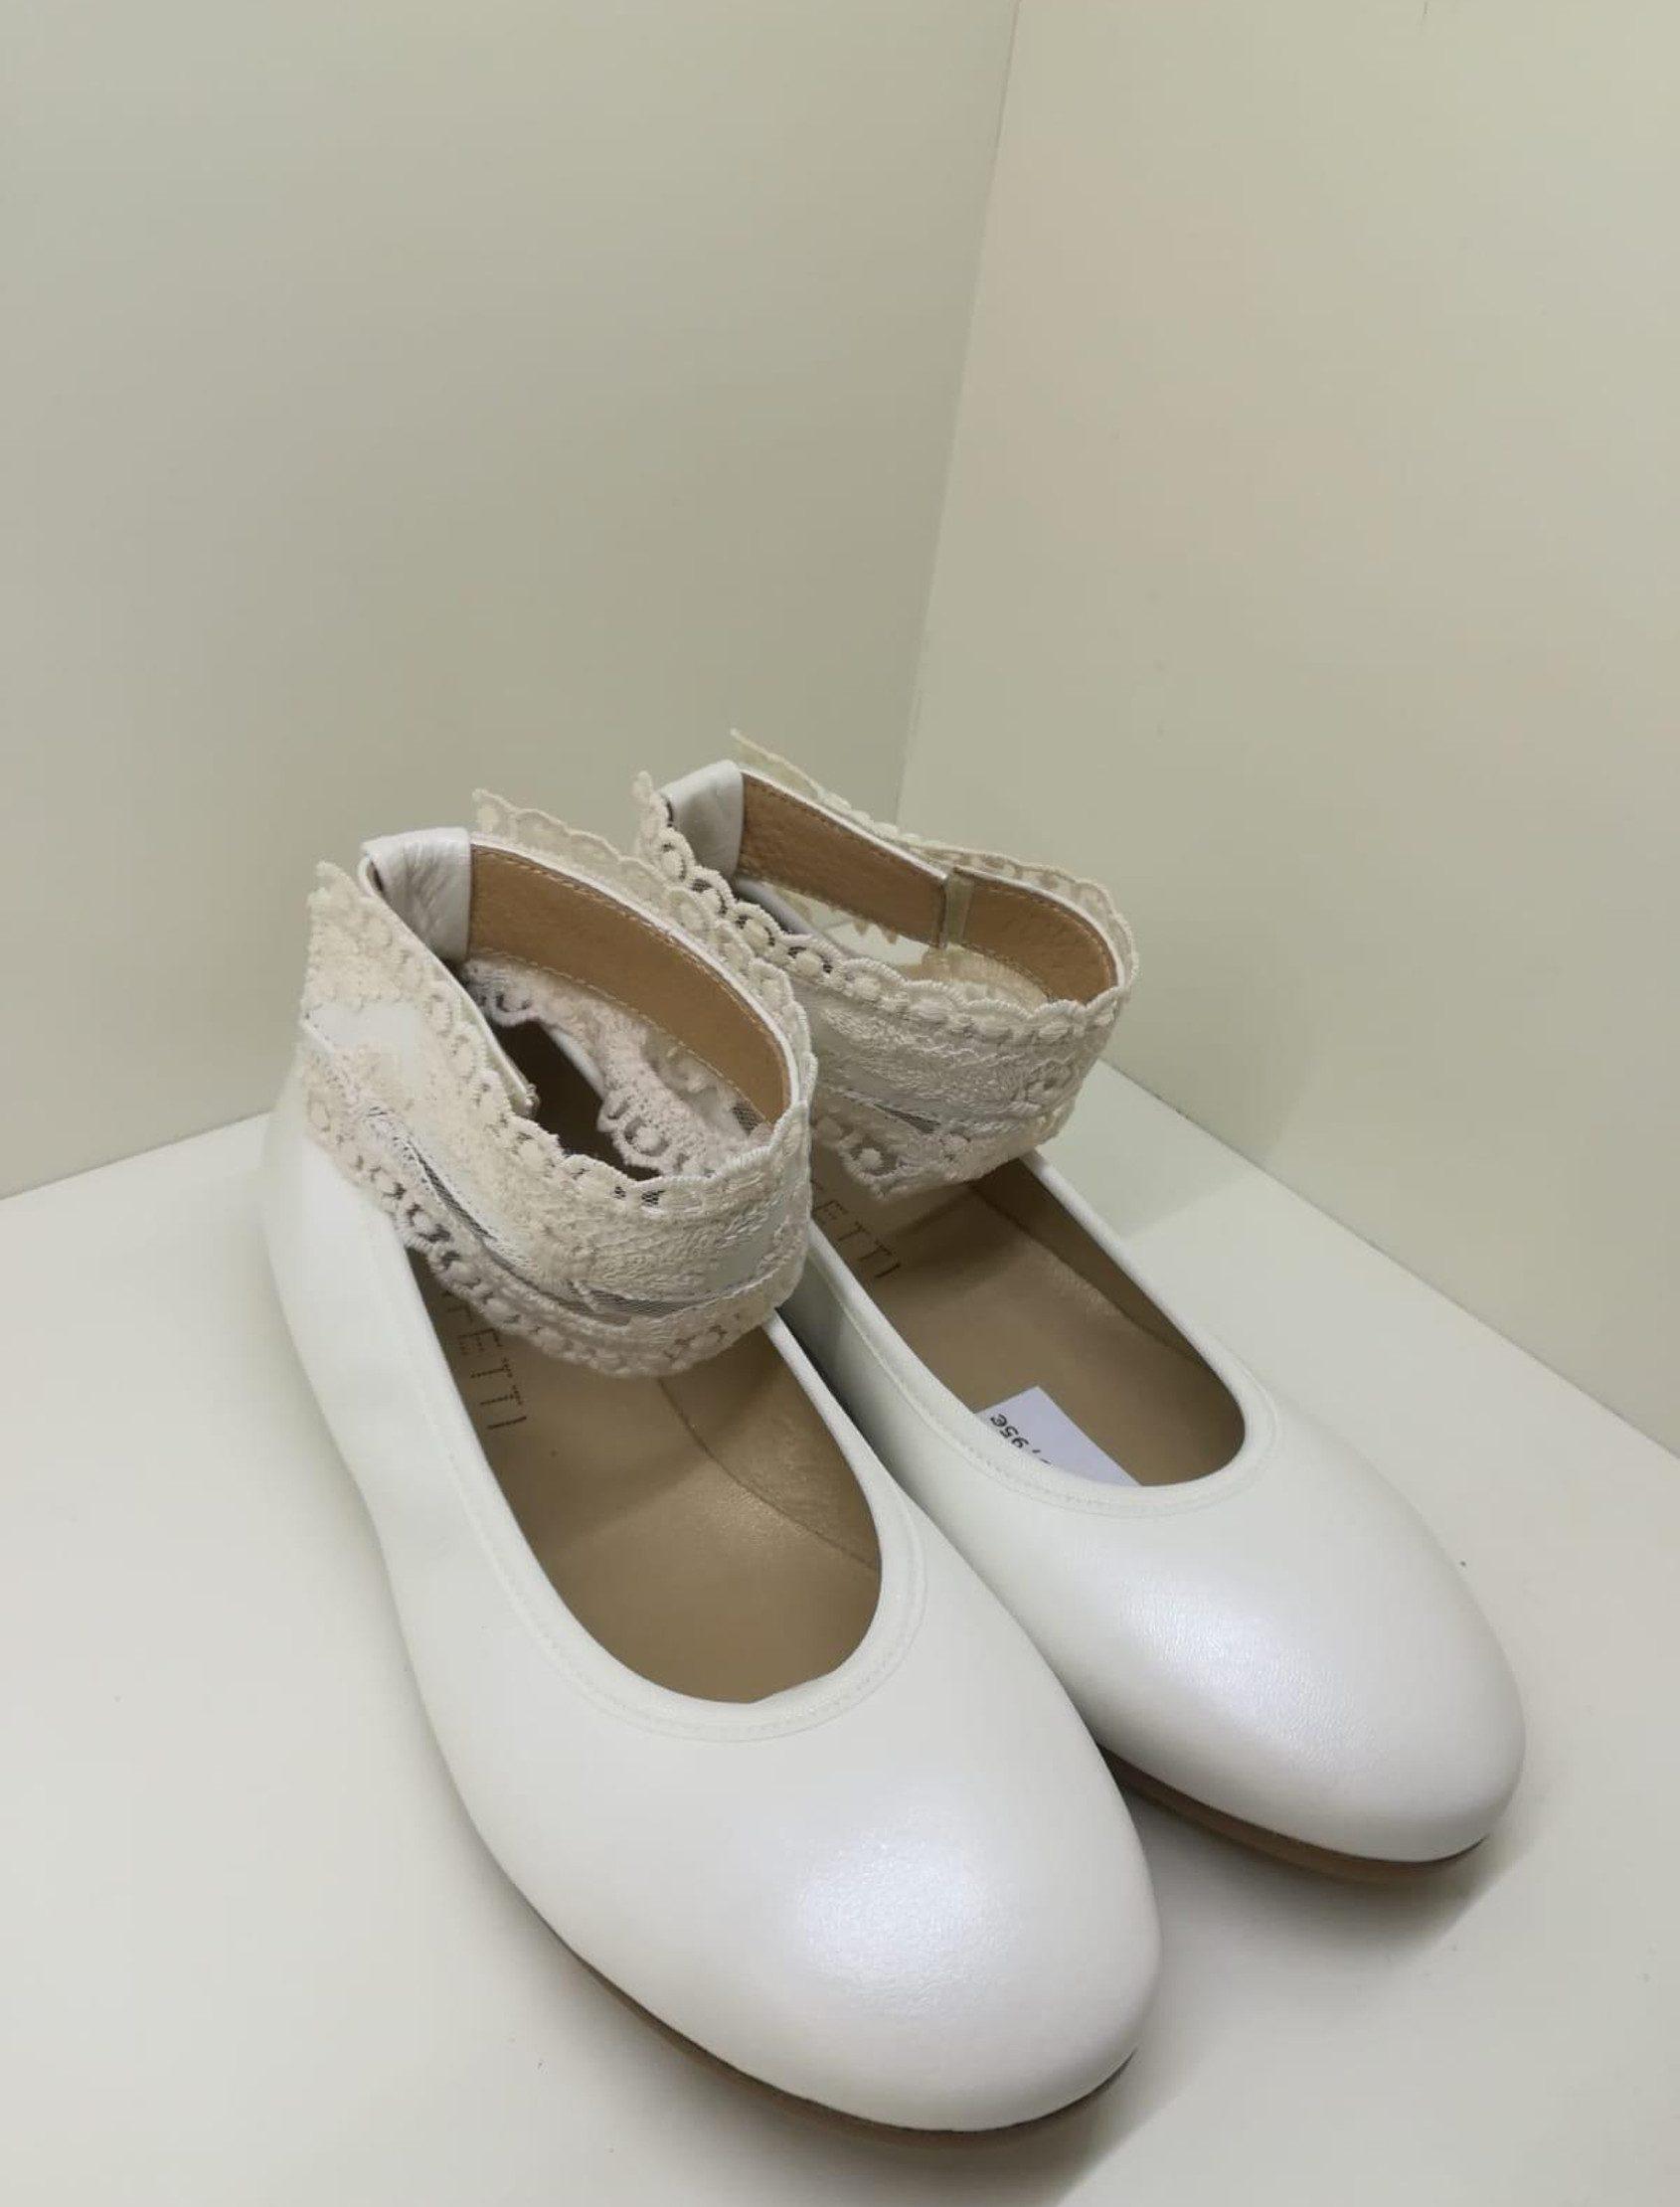 Bailarina de piel en blanco roto con pulsera en encaje beig ajustable al tobillo.